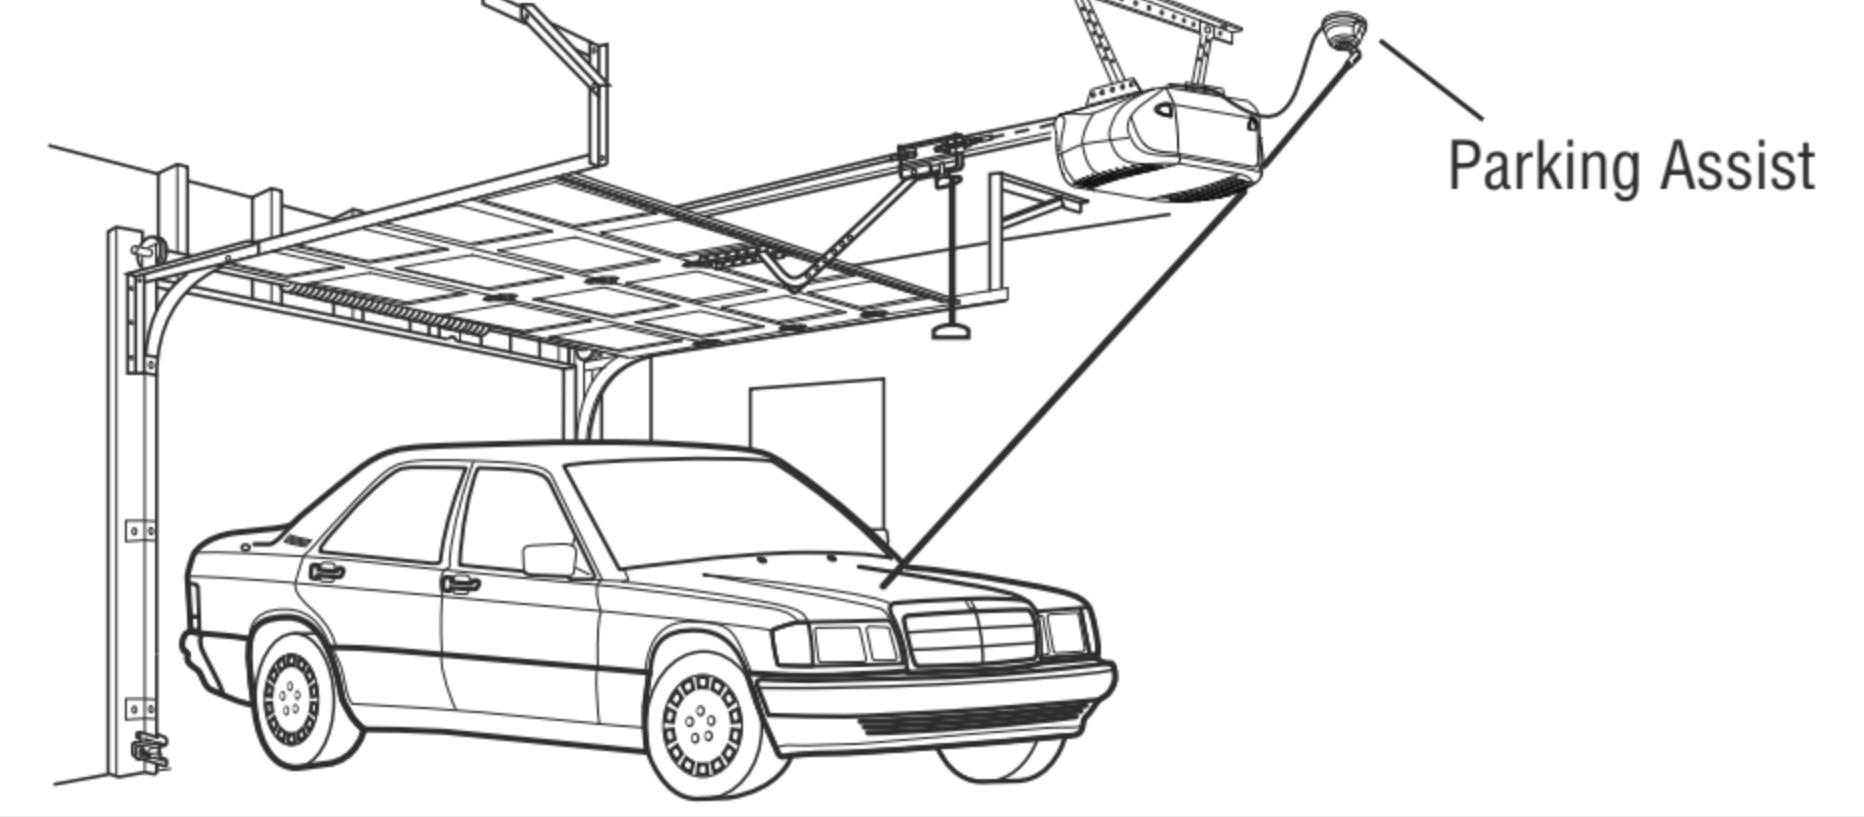 Chamberlain Garage Laser Parking Assist